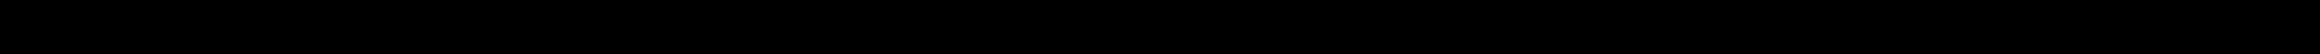 A.B.S. 7895329, 8961823, 8970618, 9102765 Bremsekaliper